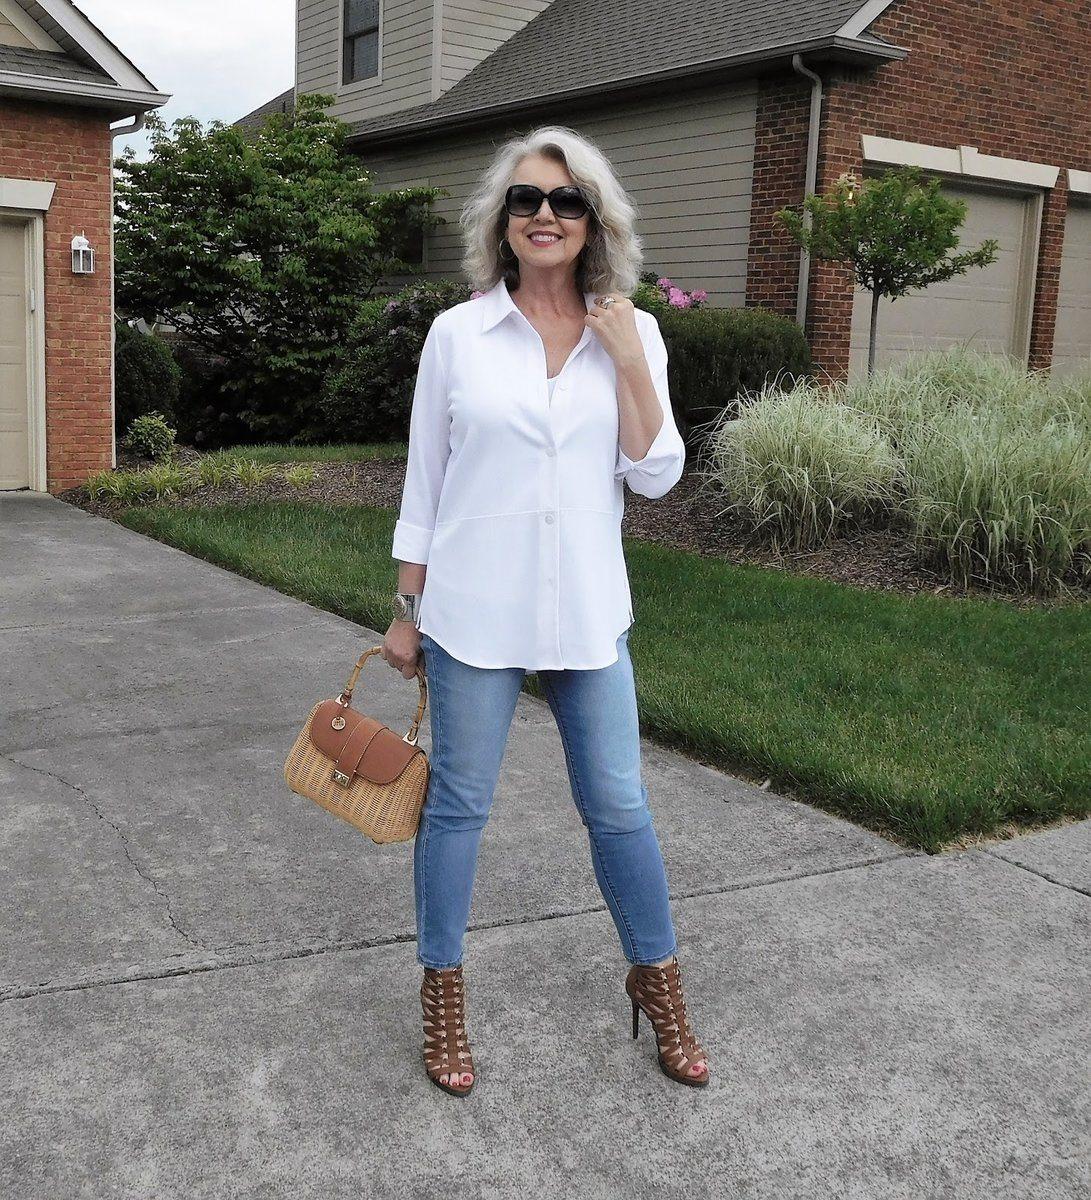 джинсы для женщин после 45 лет фото